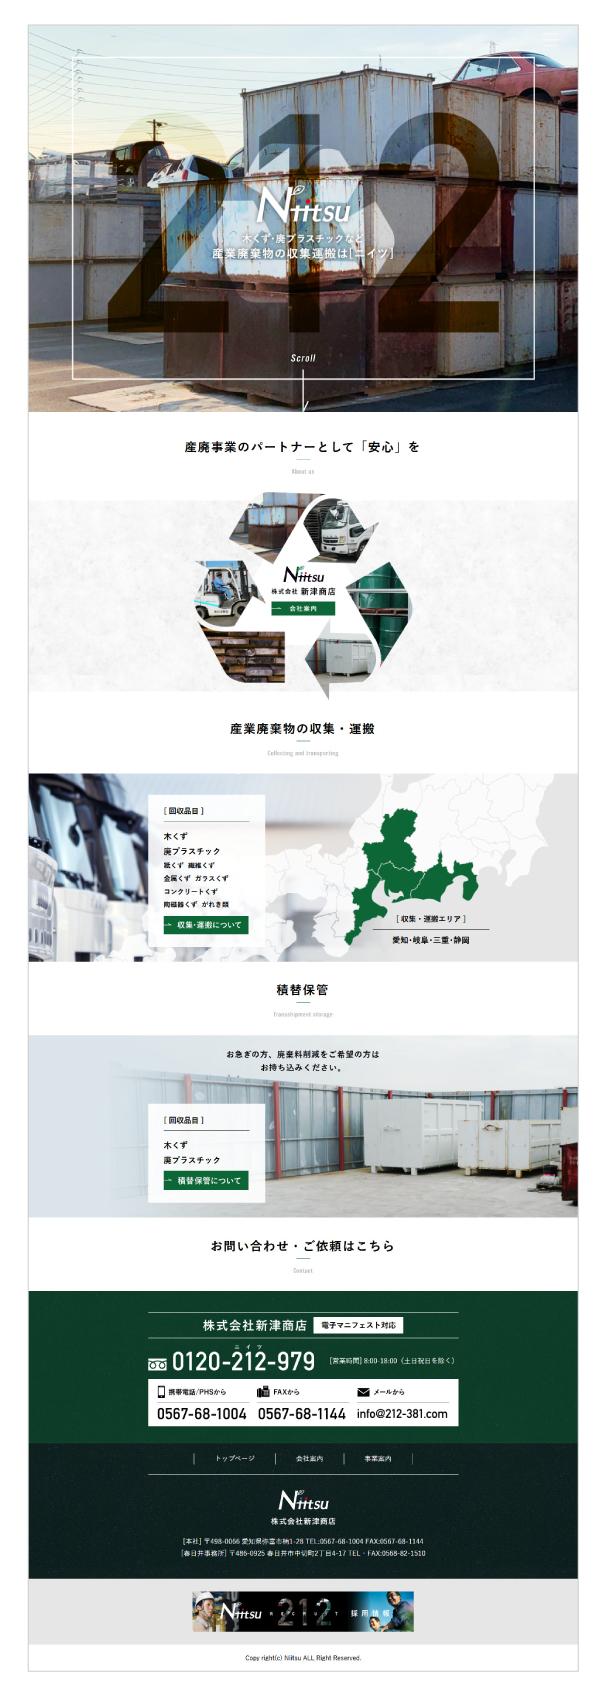 コーポレートサイト・採用サイト